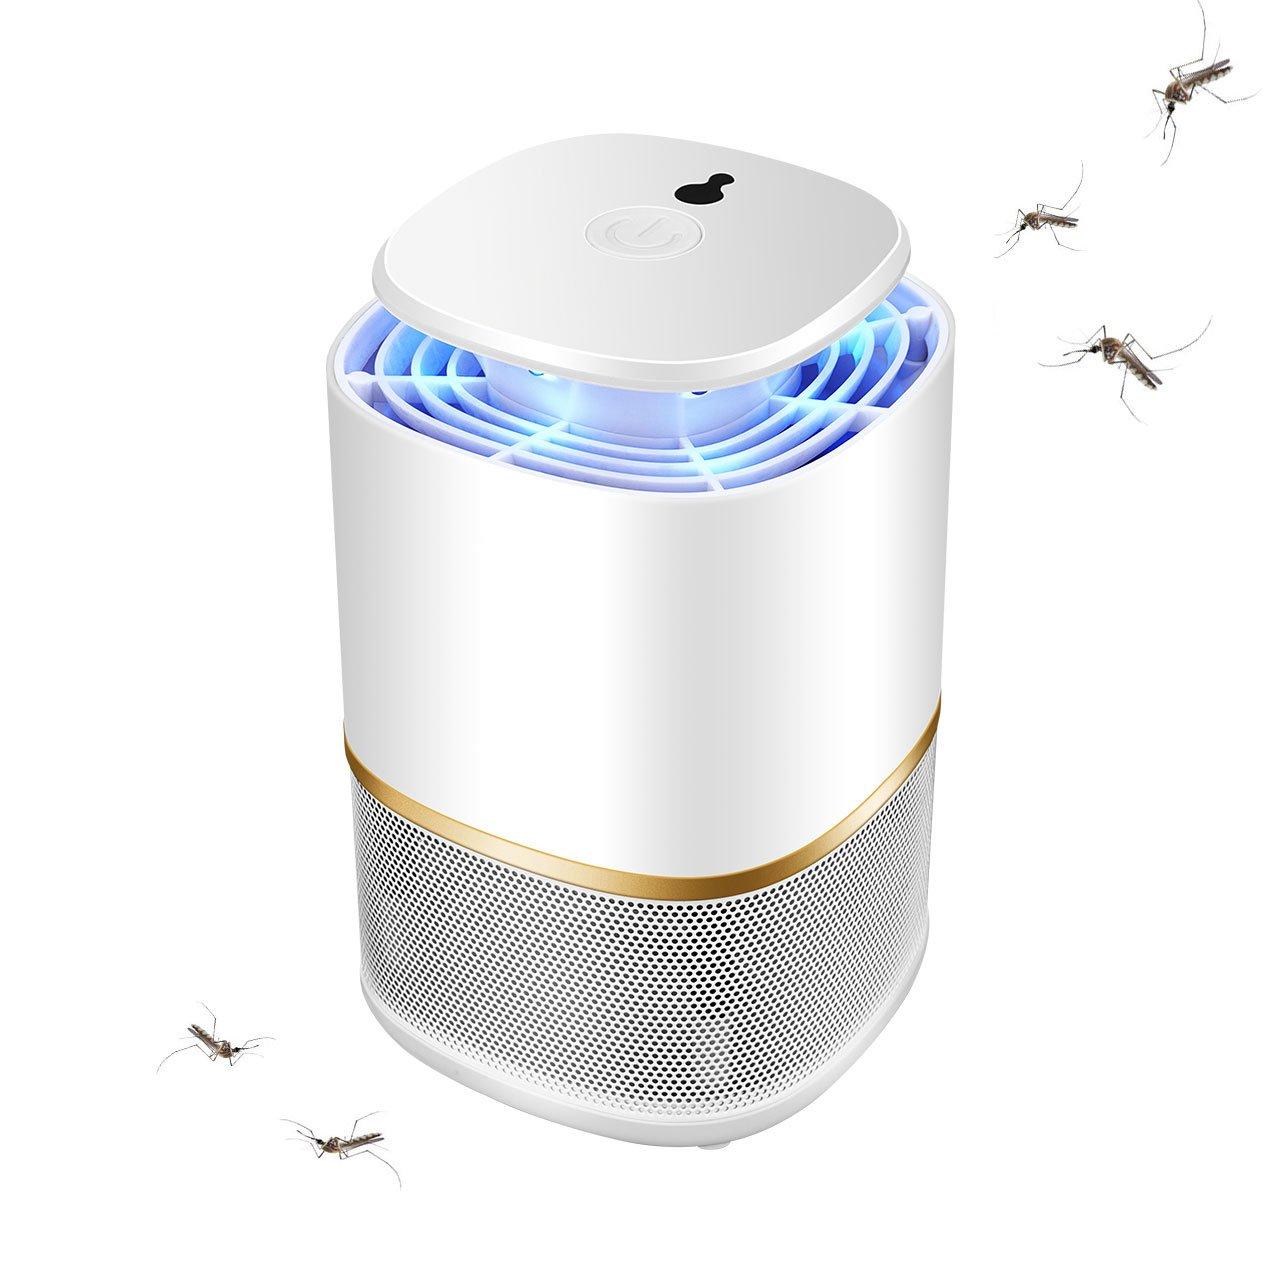 ZRN1814 Moskito-Mörder-ungiftiger stiller Moskito-Zapper / tragbare Fliegen-Mörder-Lampe / Anti-Moskito-Lampe, Insekten-Fliegen-Inhalator, Familien-Fänger Moskito-Mörder-Lampe  Elektrische Moskitotötungslampe